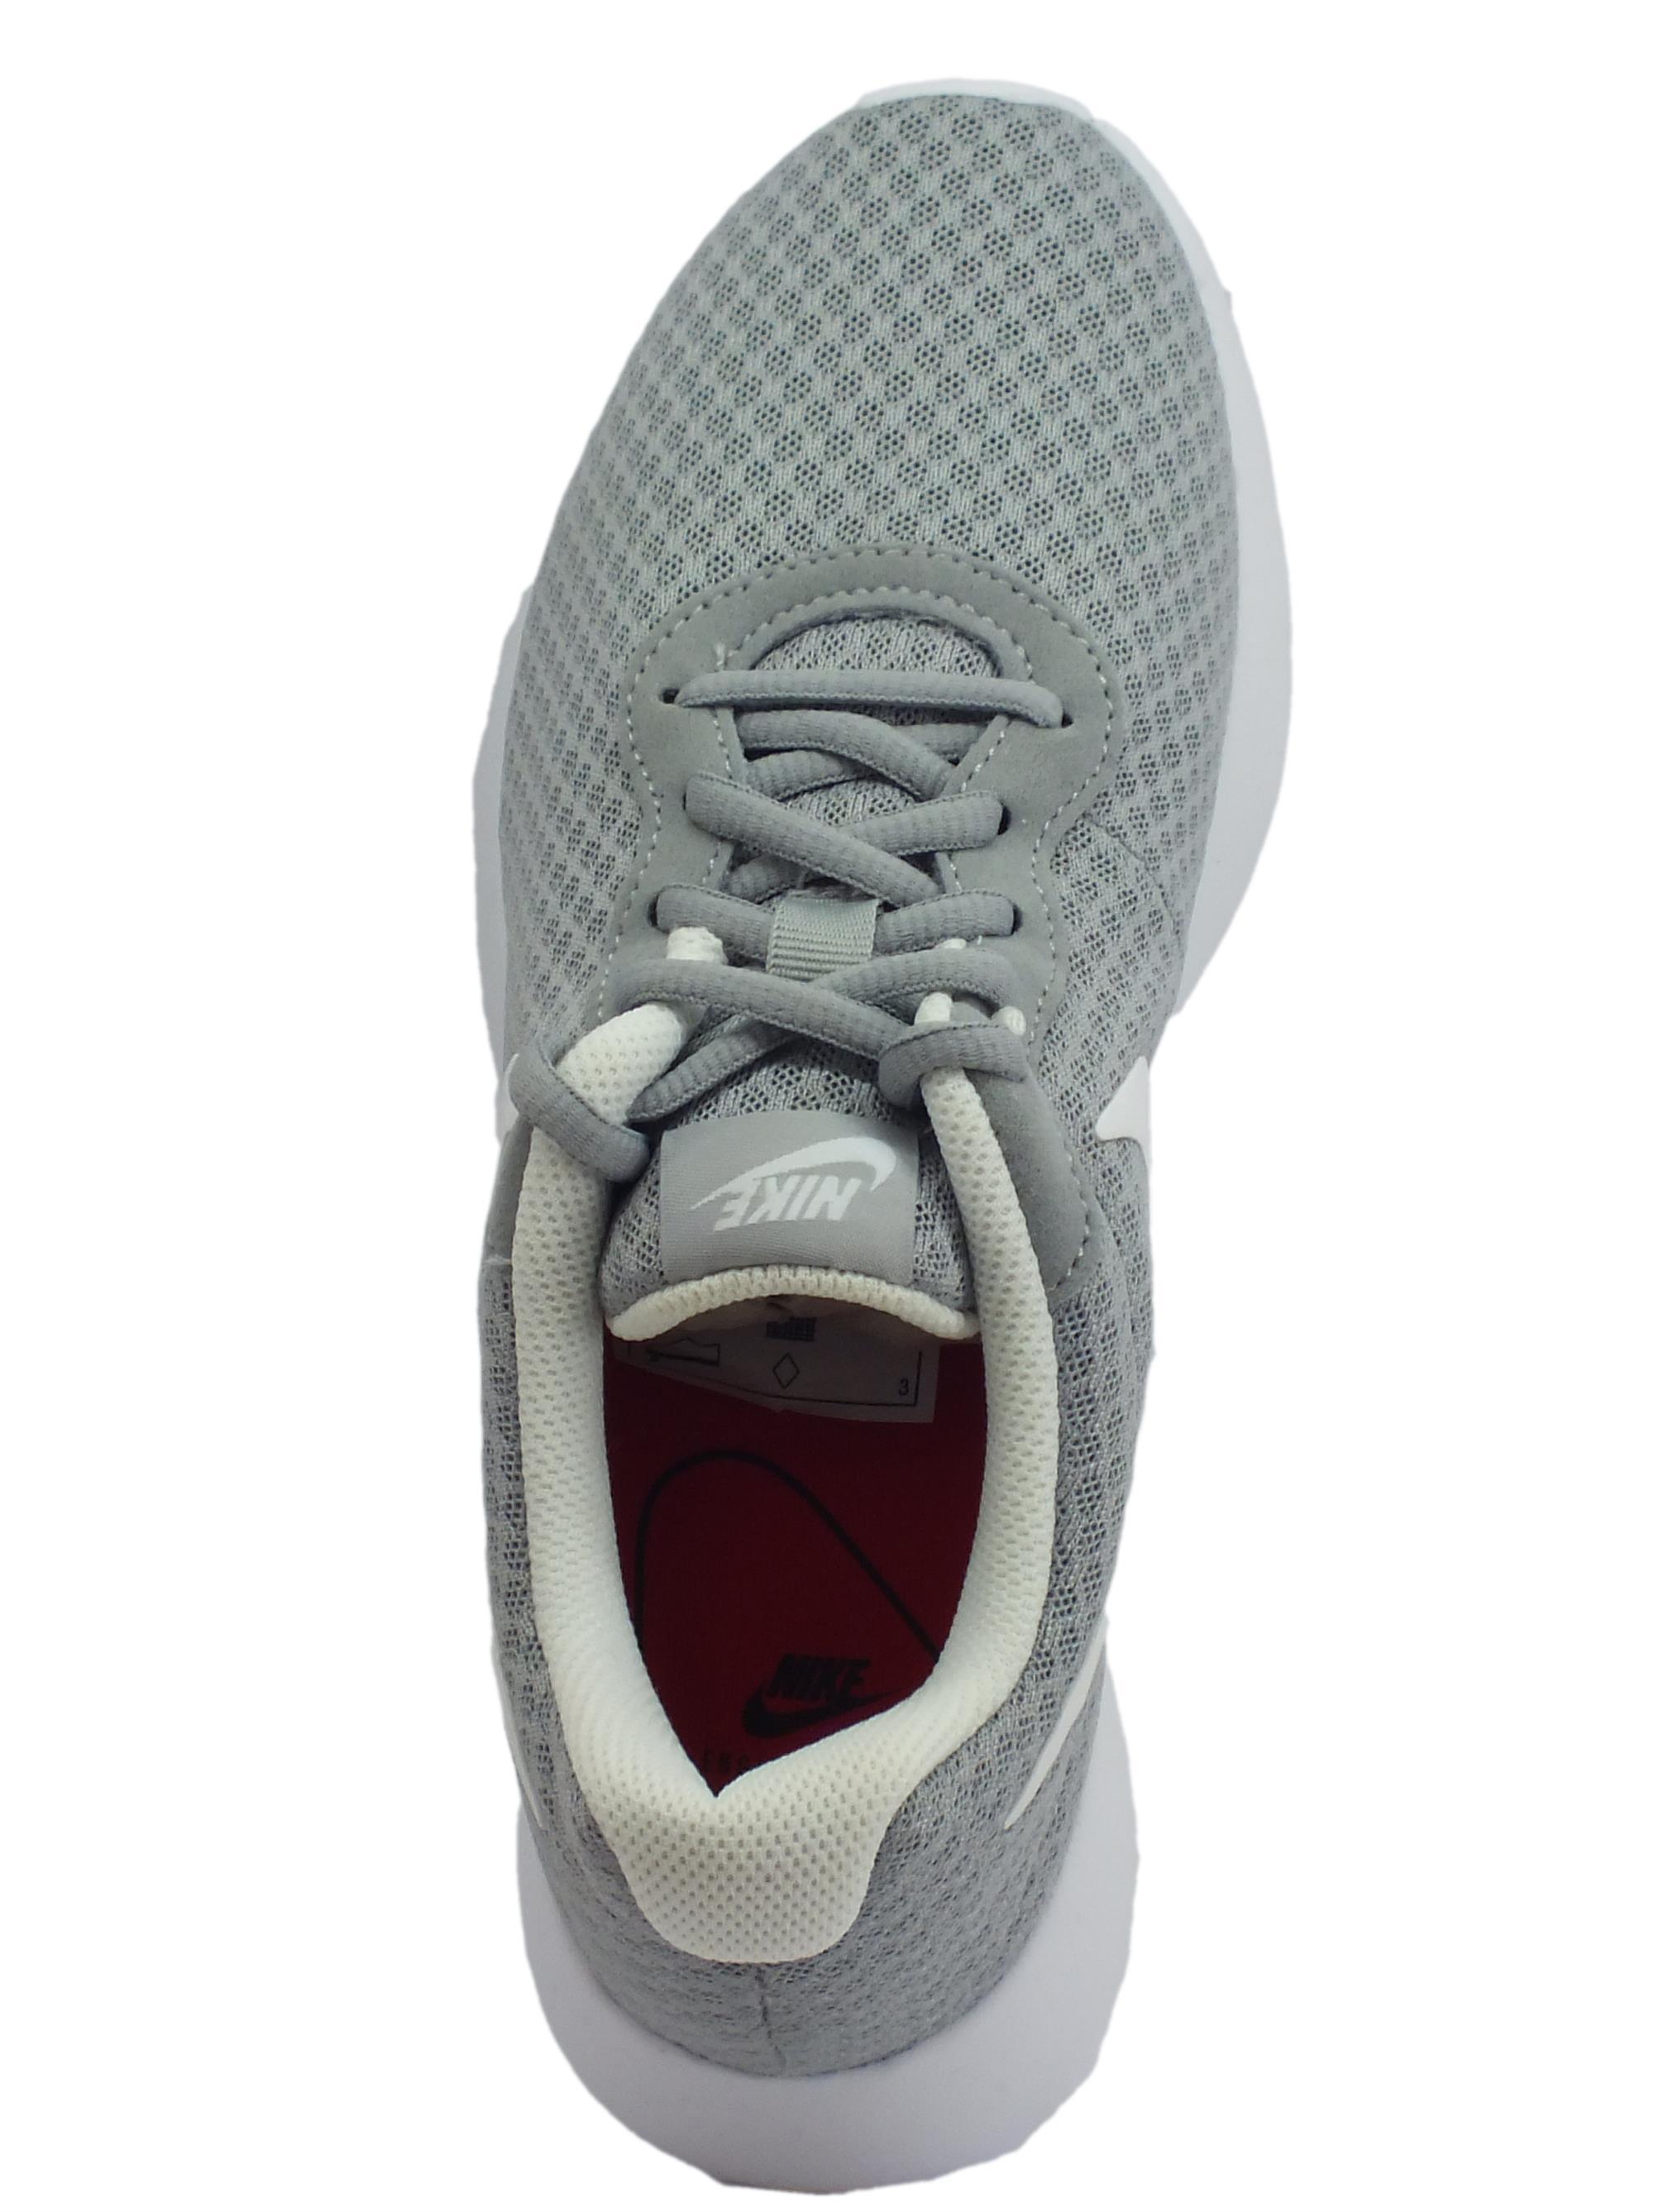 ... Scarpe sportive Wmns Nike Tanjun per donna in tessuto tecnico grigio e  bianco 5d0a5b325c9